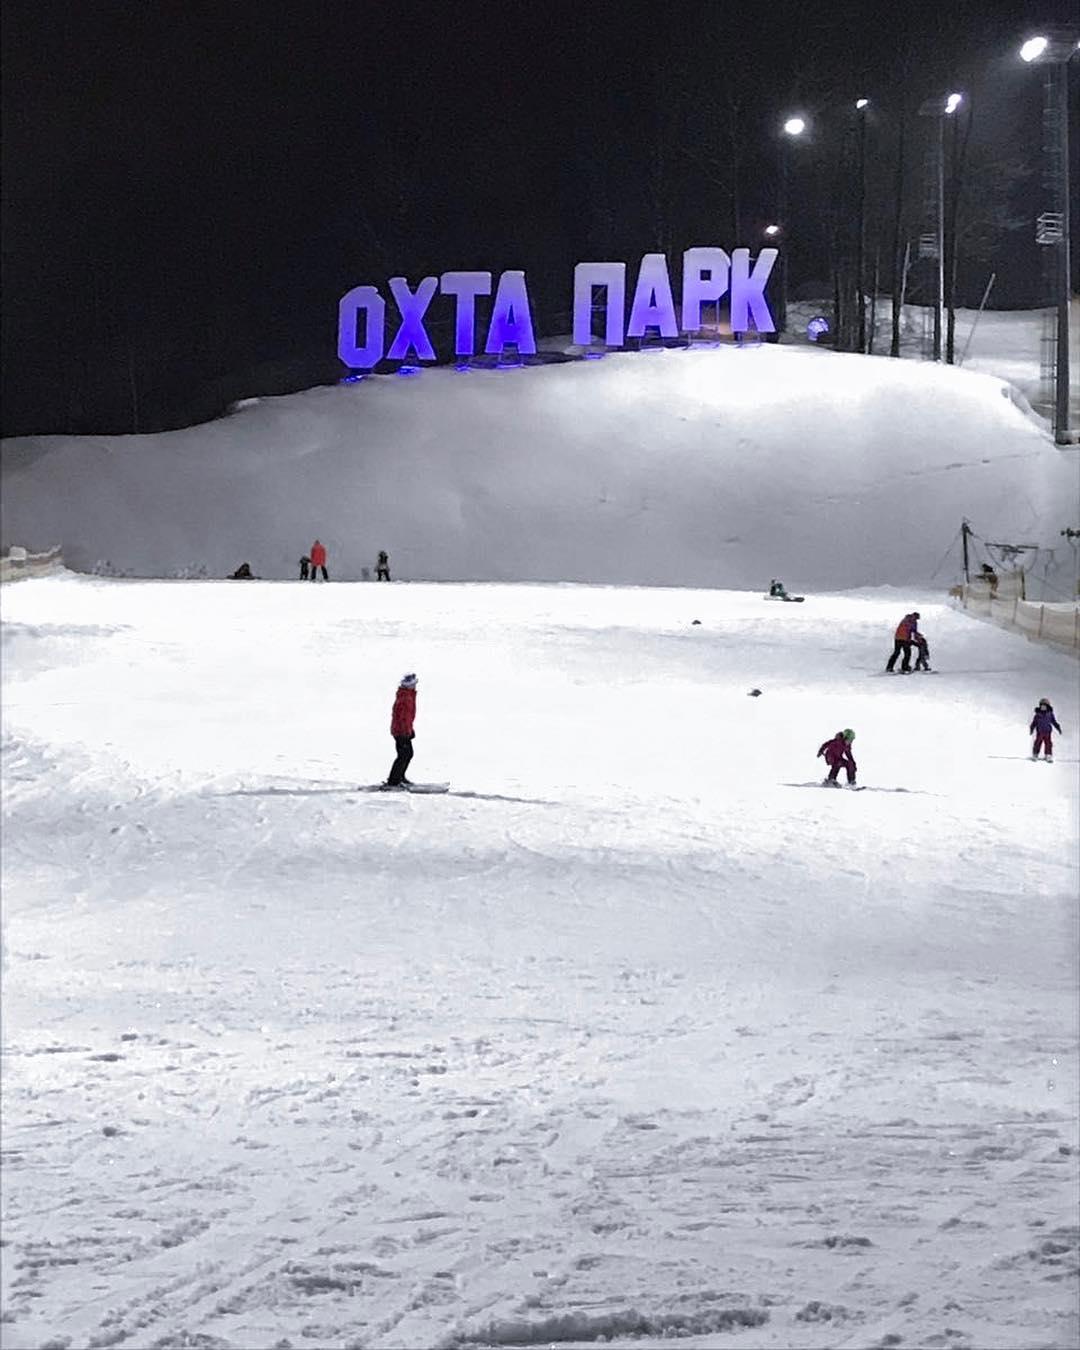 Охта Парк